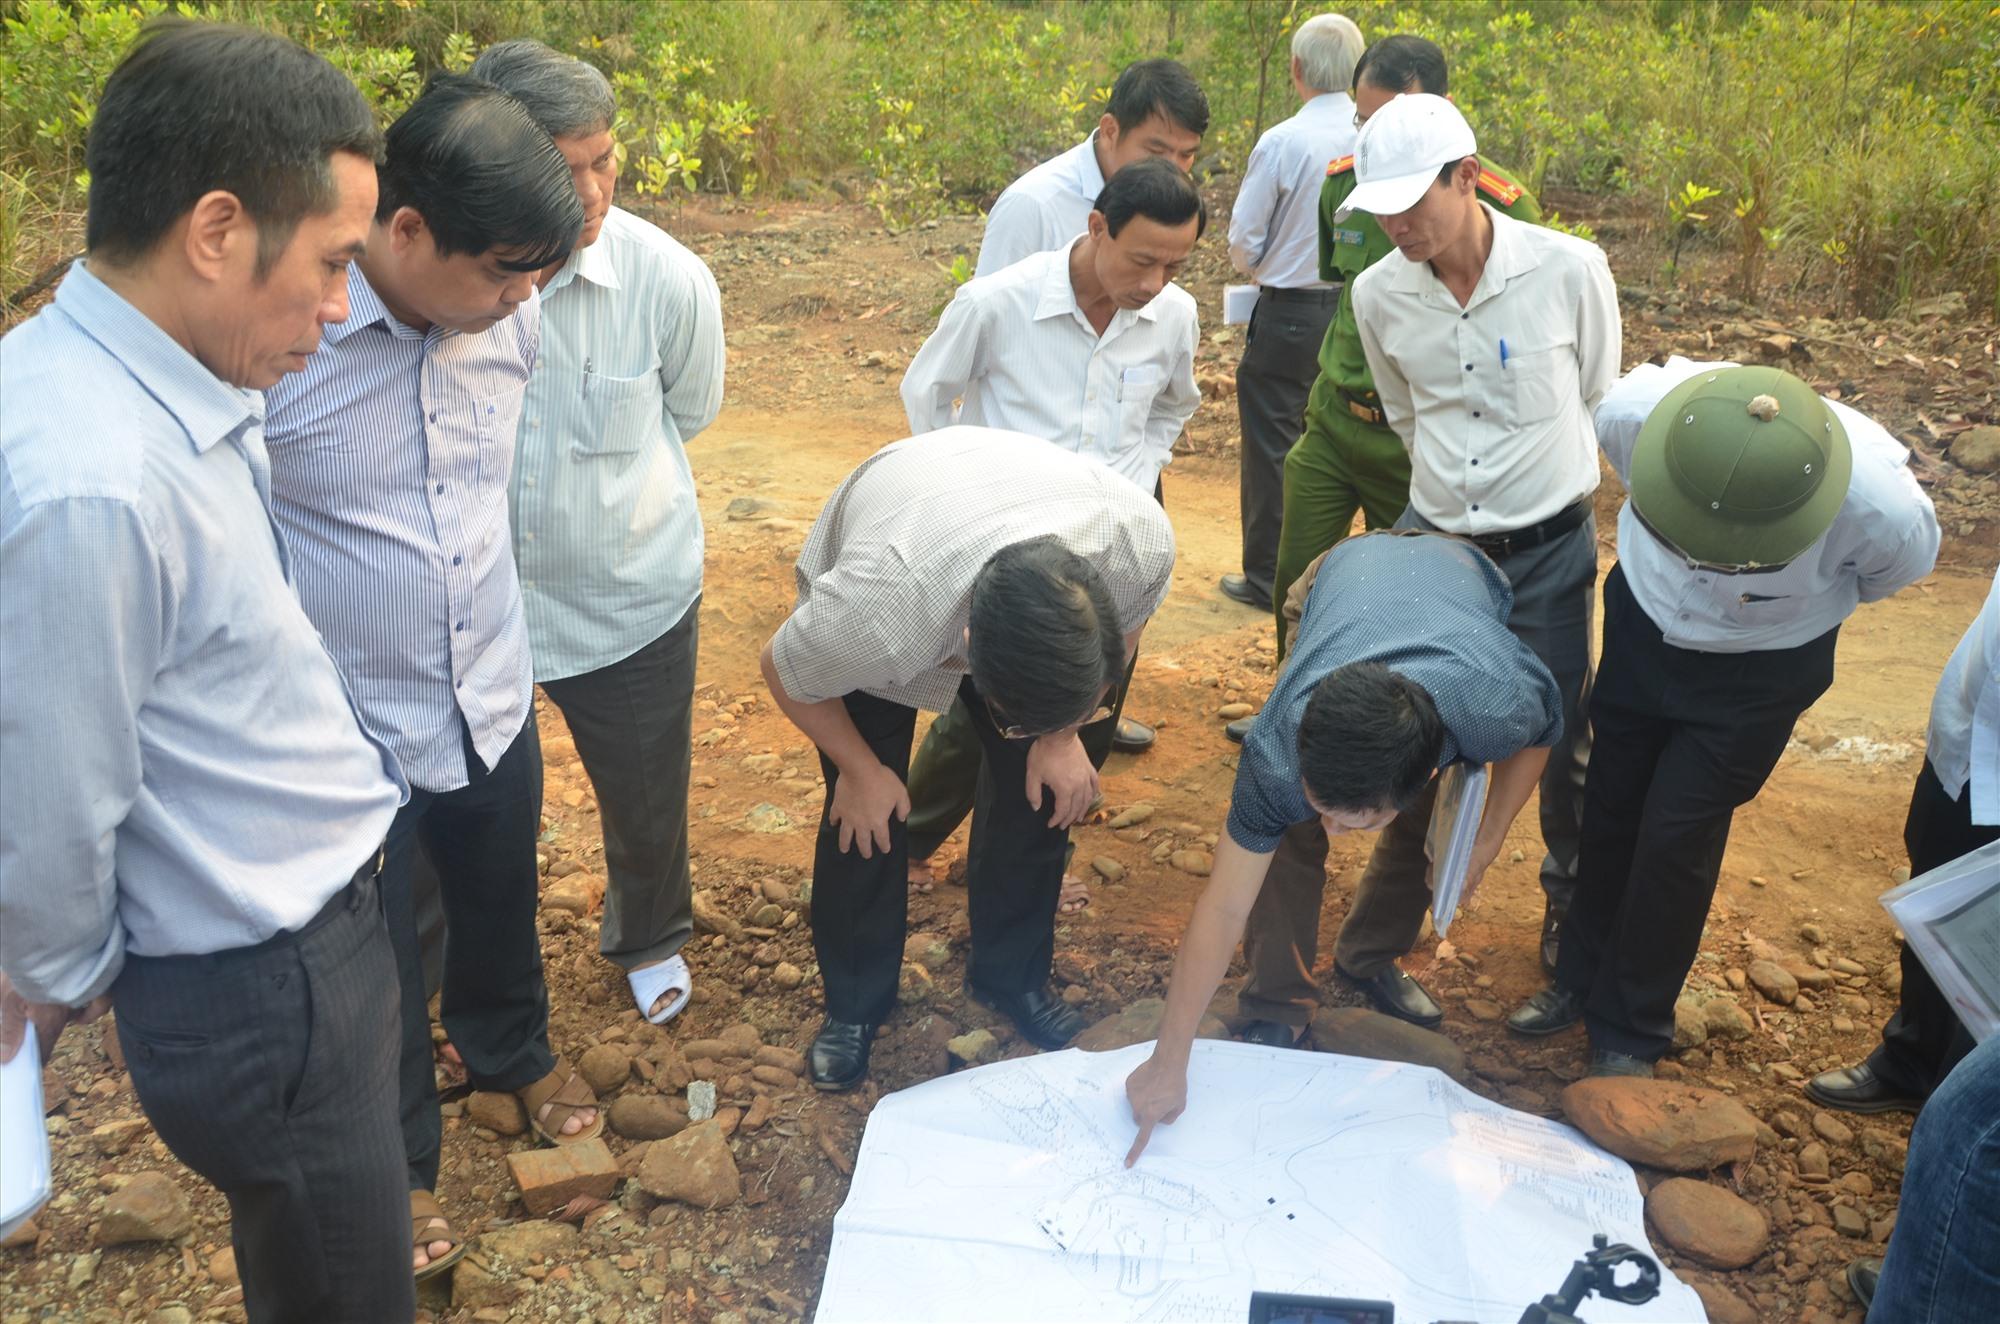 Lãnh đạo tỉnh kiểm tra hiện trạng một dự án thăm dò quặng sắt tại huyện Hiệp Đức. Ảnh: T.N